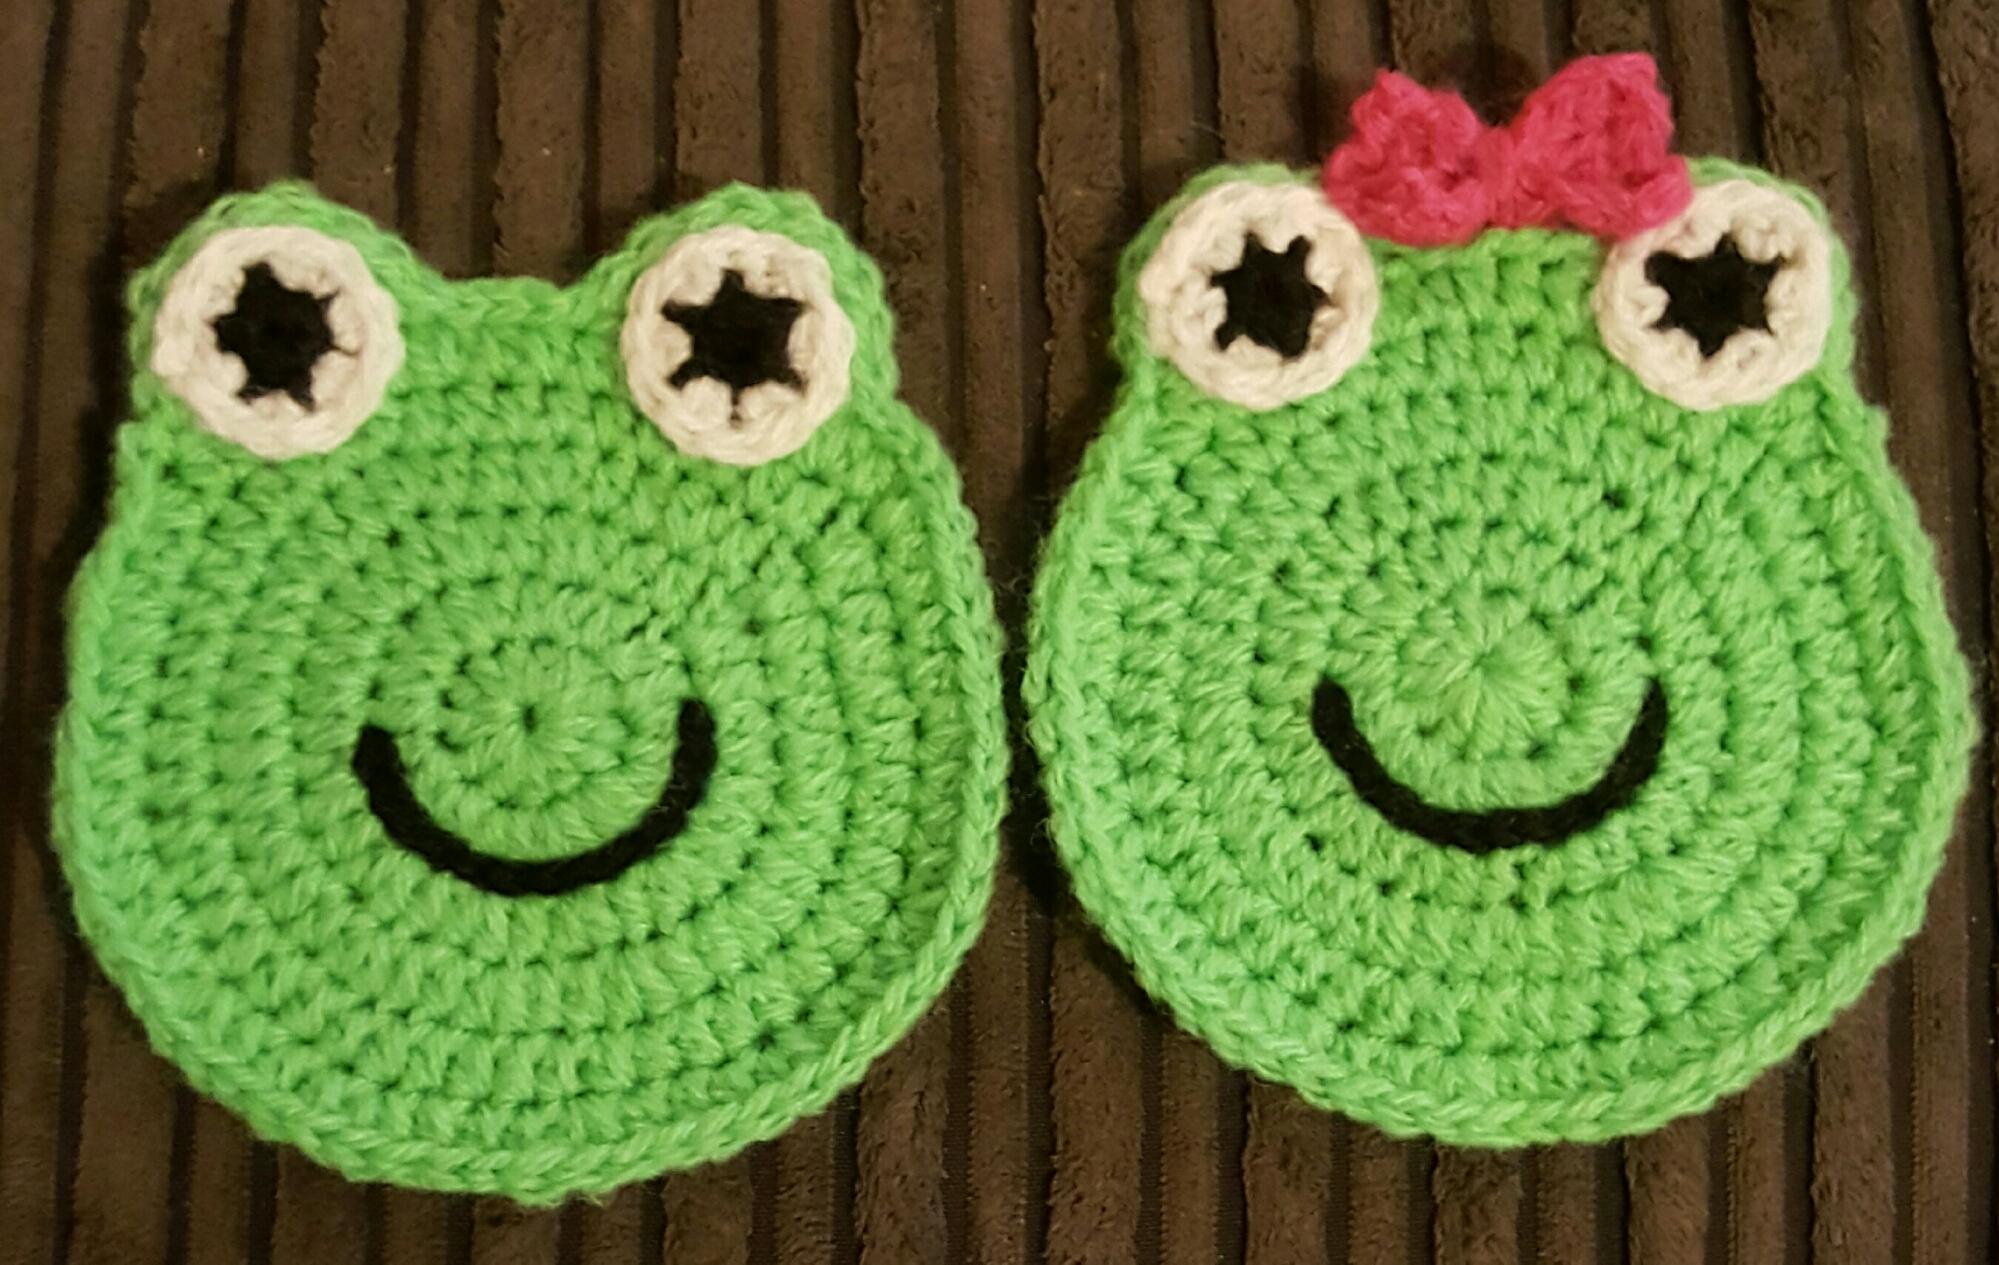 Crochet Frog Coasters – craftandothercrazyplans